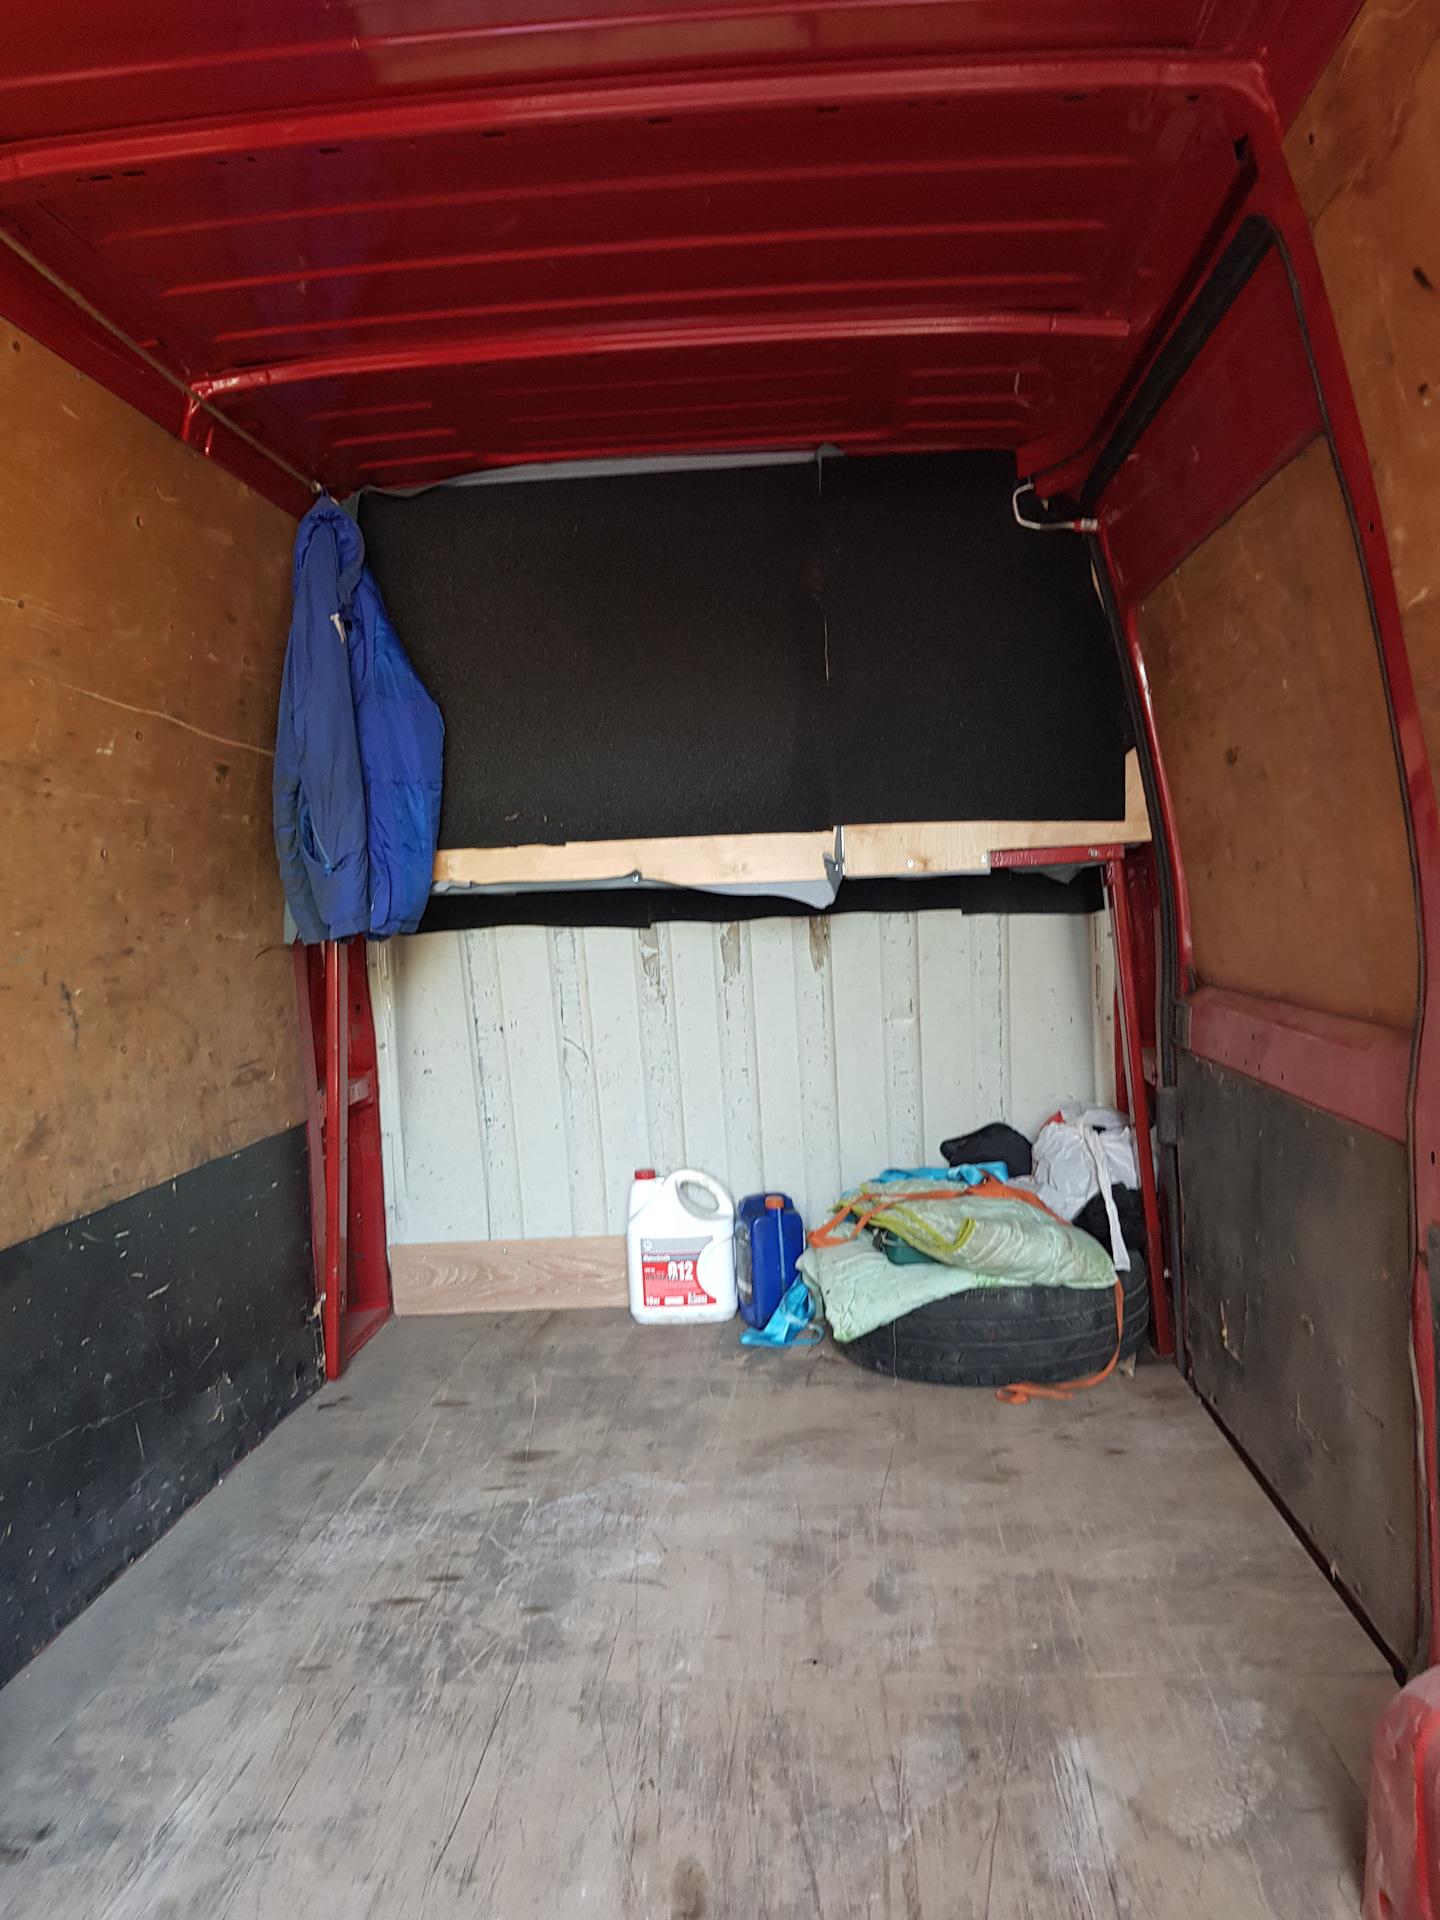 этого спальник в микроавтобусе фото для экспериментов ведь